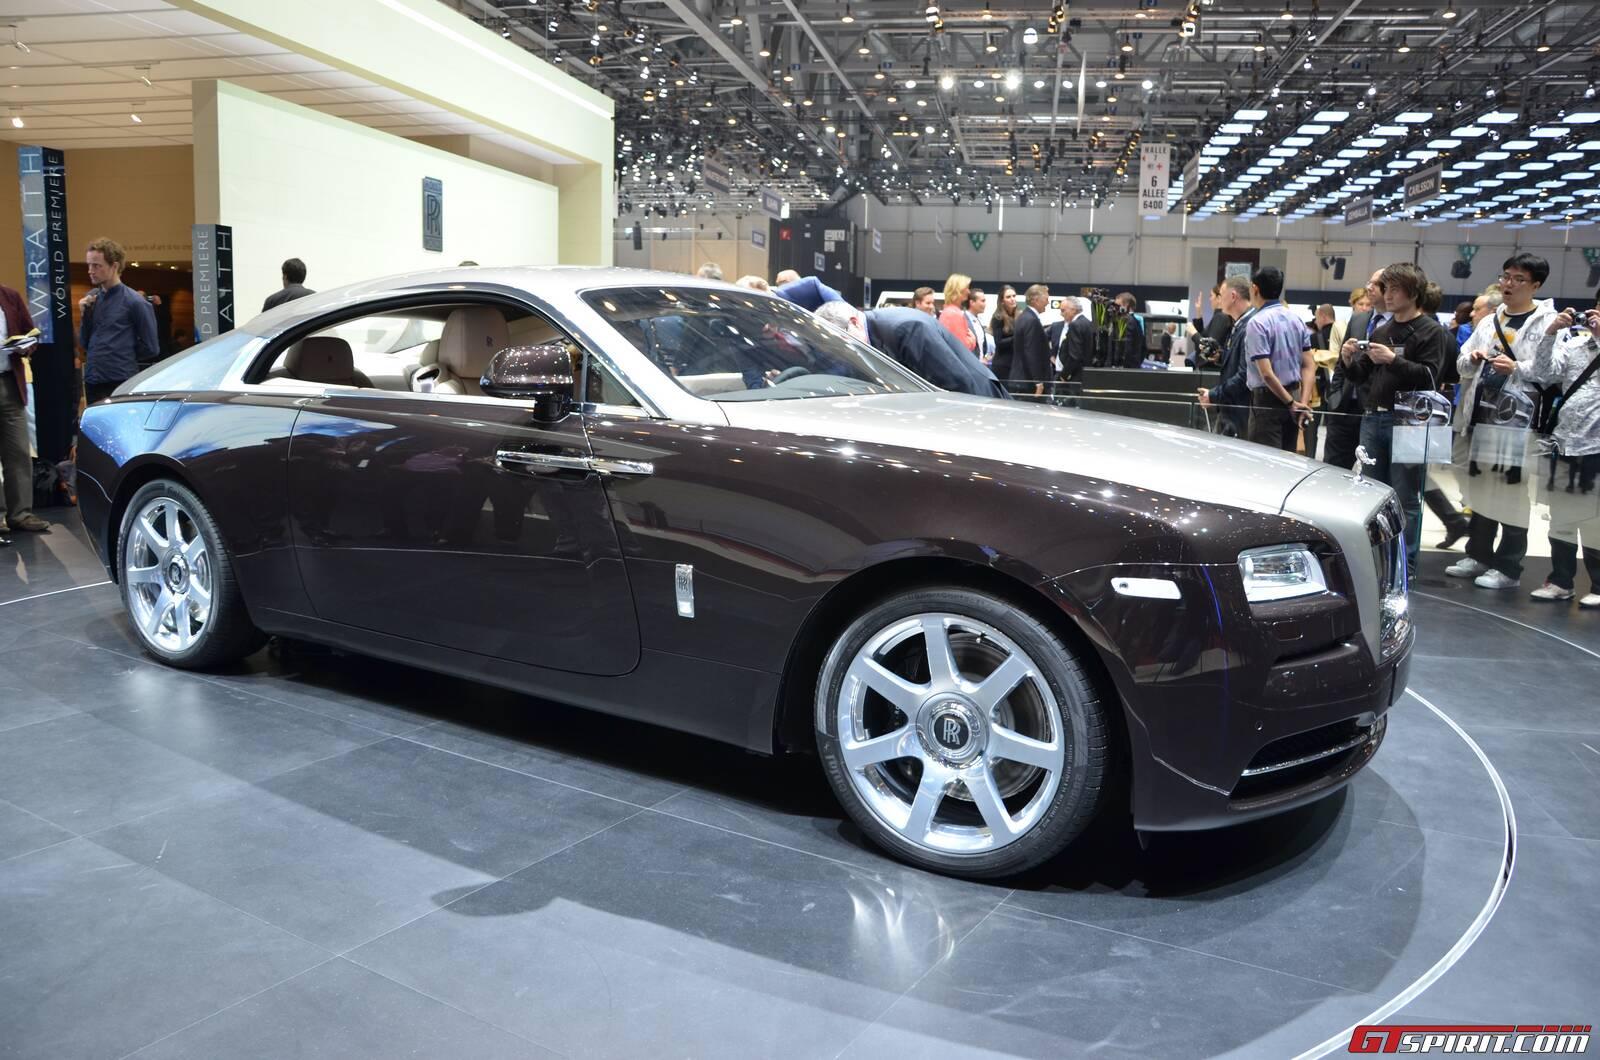 Rolls Royce Wraith 2013 For Sale Rolls-royce Wraith